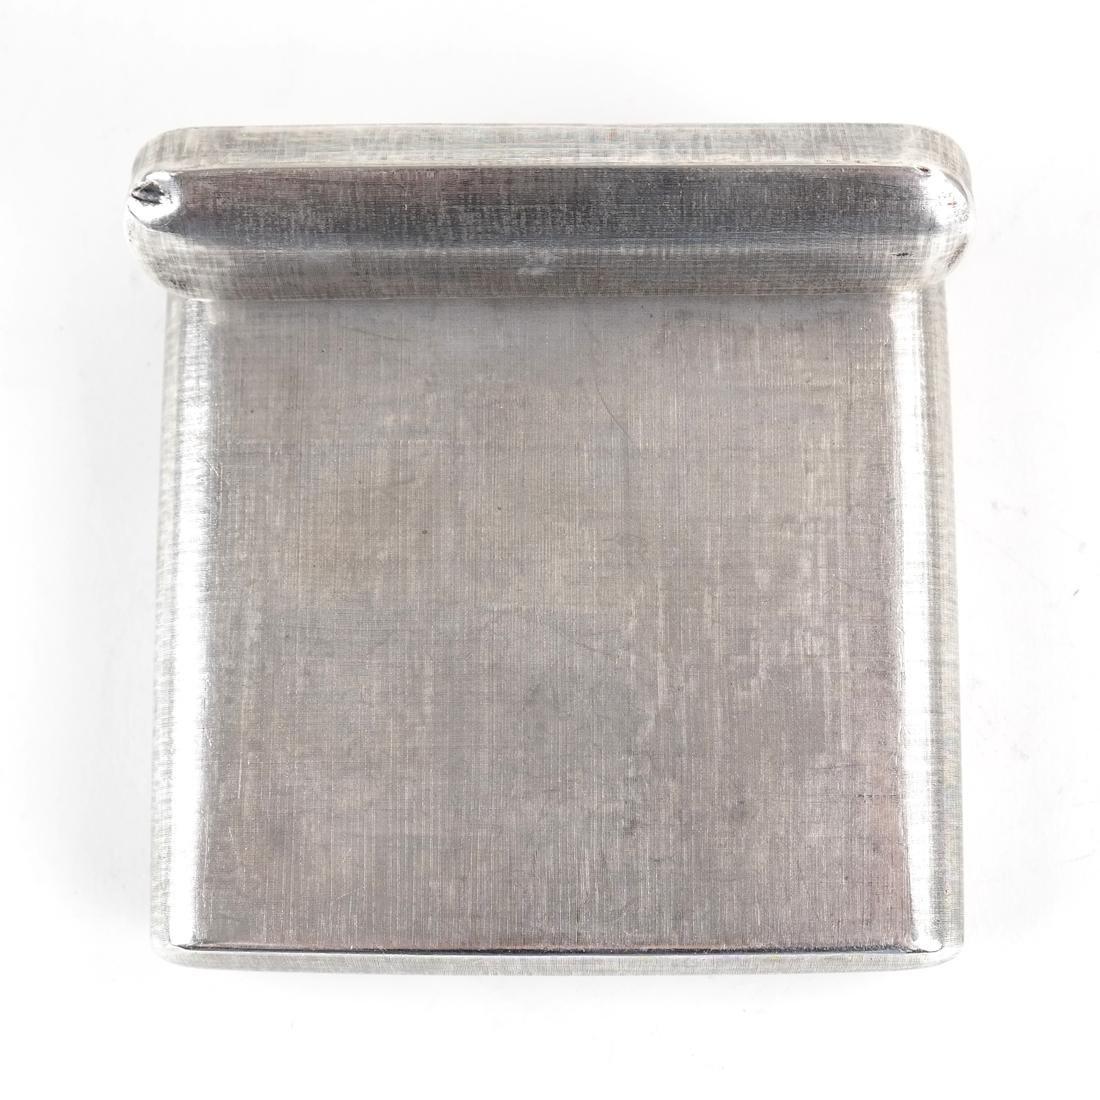 Mario Buccellati, Sterling Silver Cigarette Case - 2